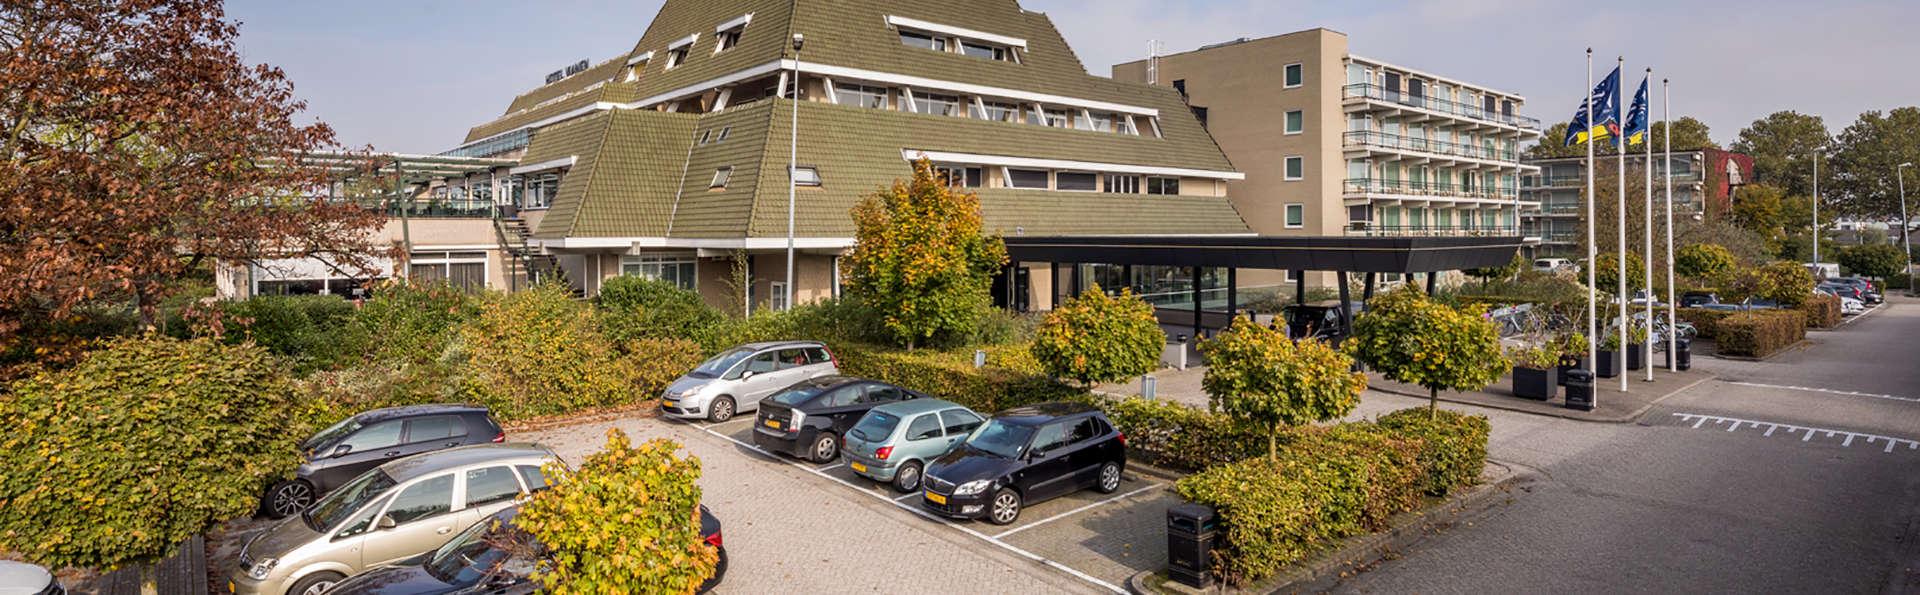 Van der Valk Hotel Vianen - Utrecht - EDIT_NEW_FRONT.jpg